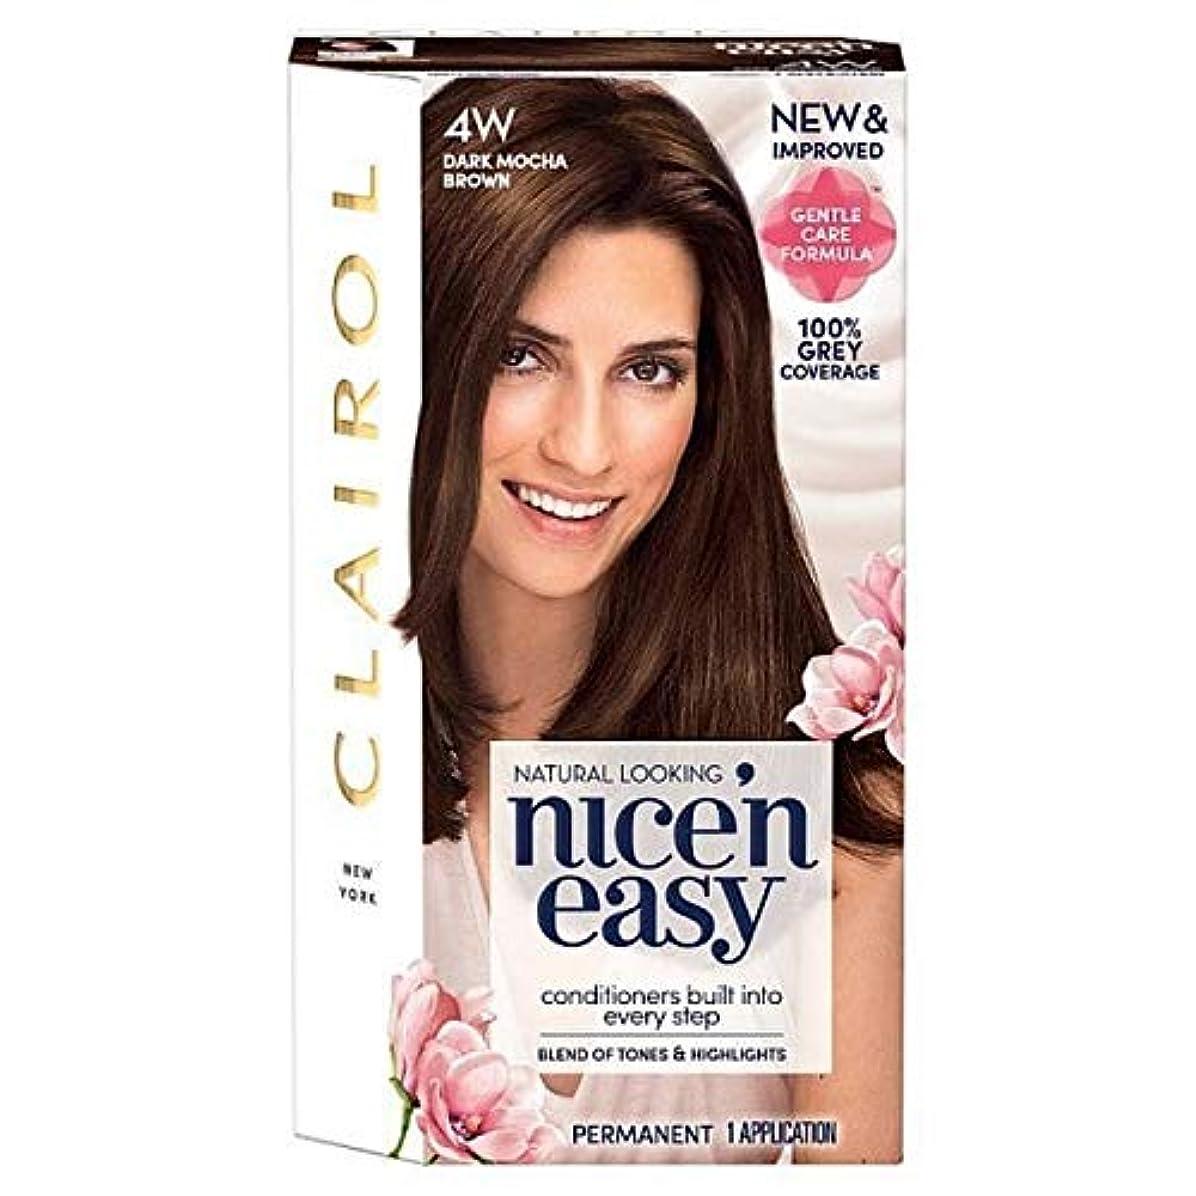 東ティモールアシュリータファーマン騒々しい[Nice'n Easy] 簡単に4ワットダークモカブラウンNice'N - Nice'n Easy 4W Dark Mocha Brown [並行輸入品]